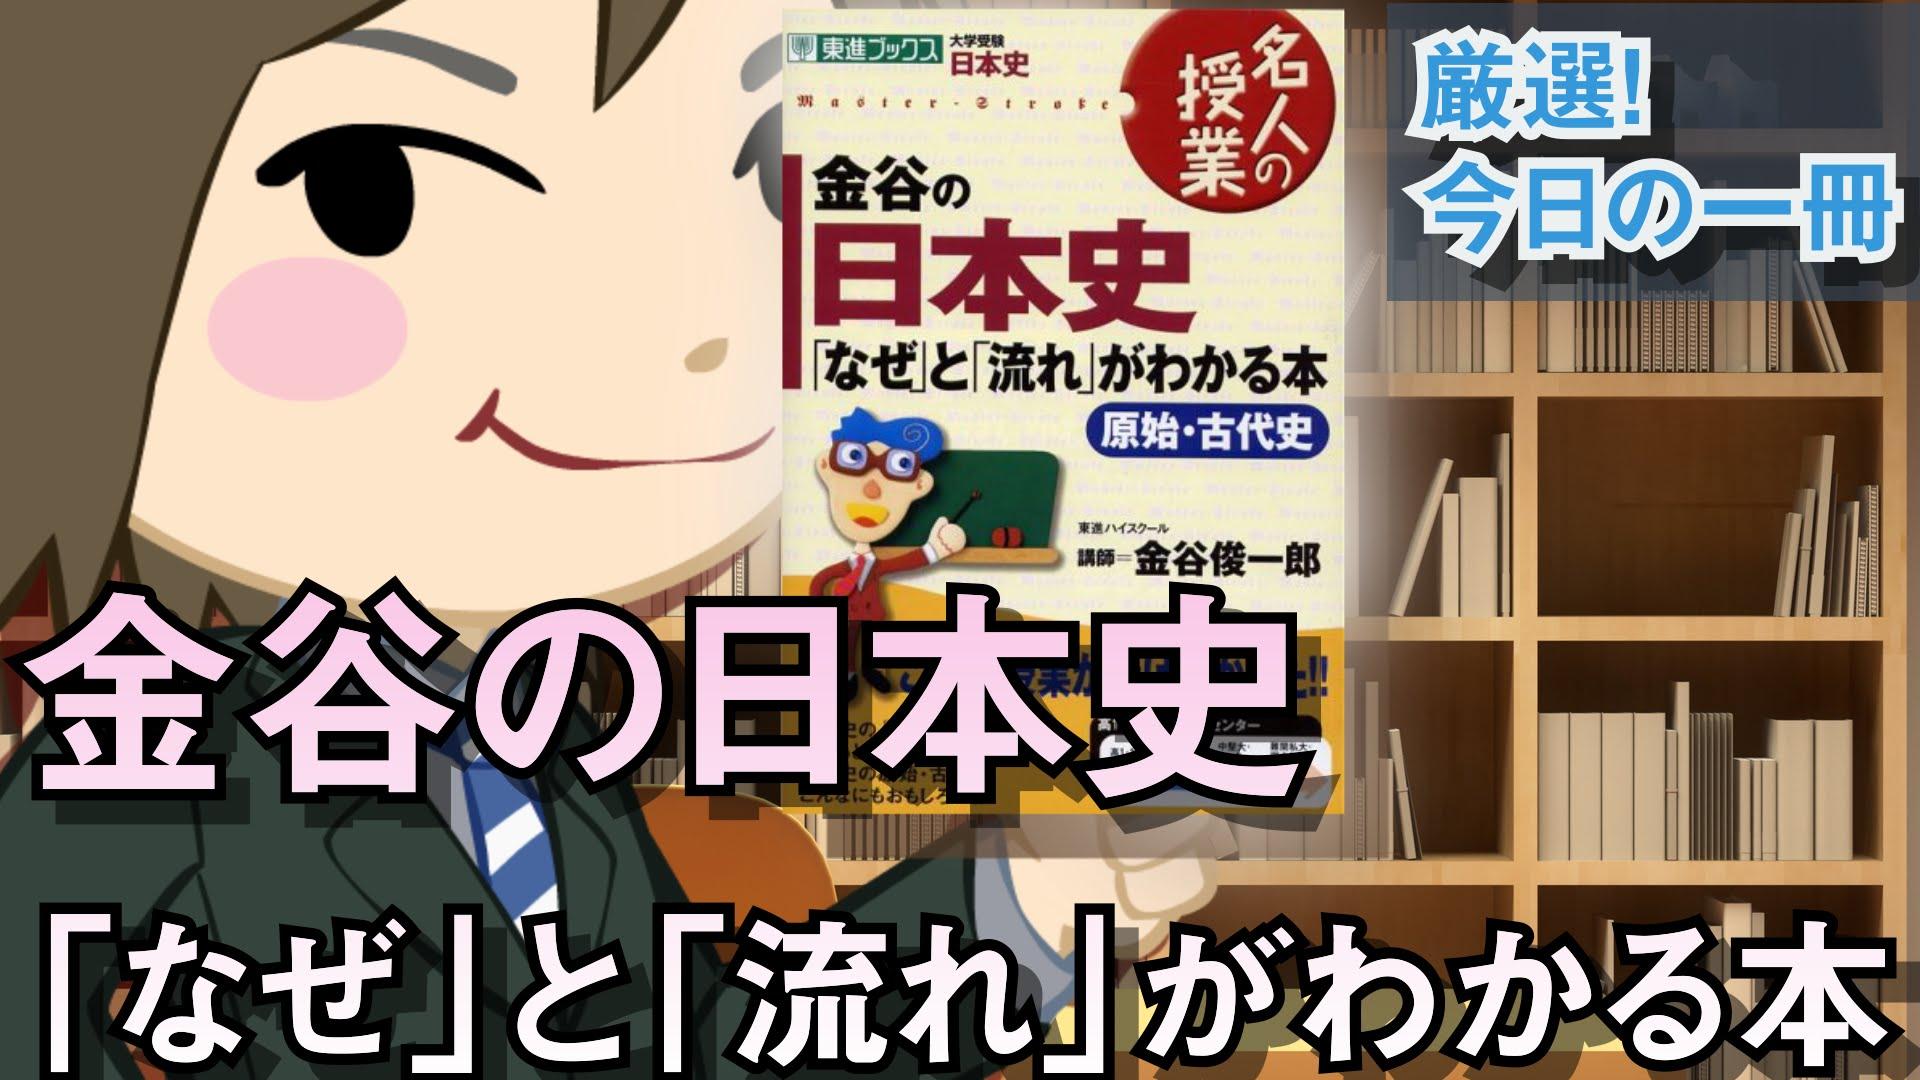 金谷の日本史「なぜ」と「流れ」がわかる本|武田塾厳選!今日の一冊